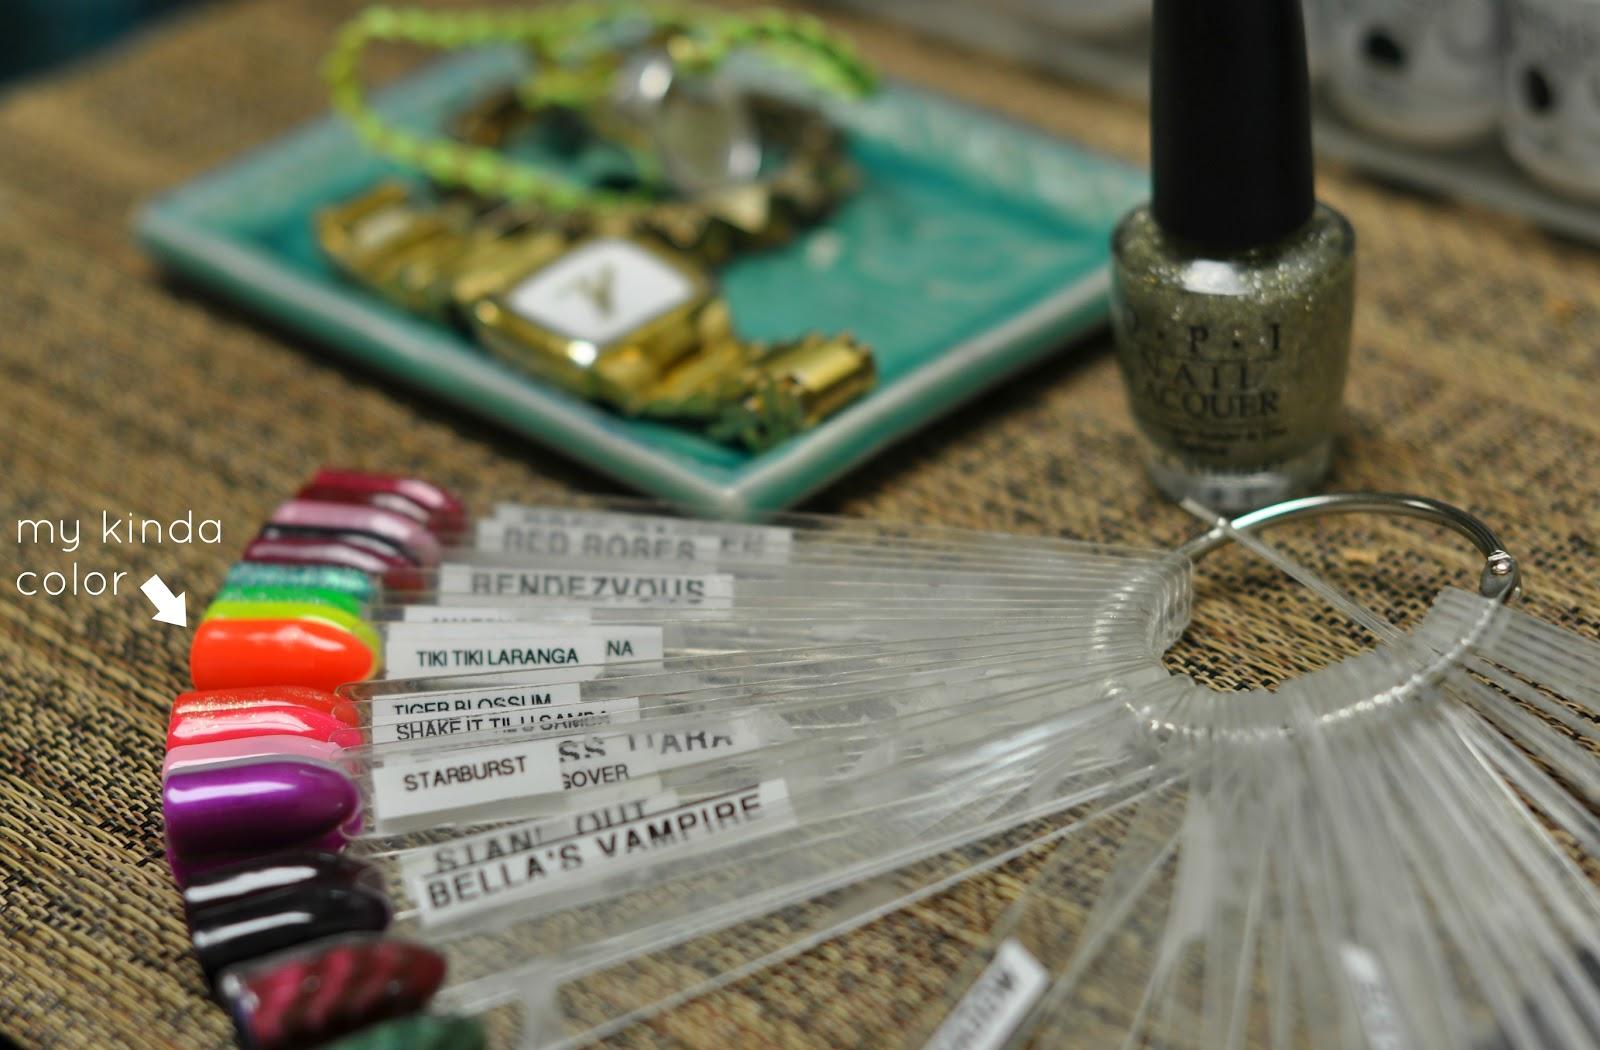 Trilogy Spa Nails Manhattan Beach